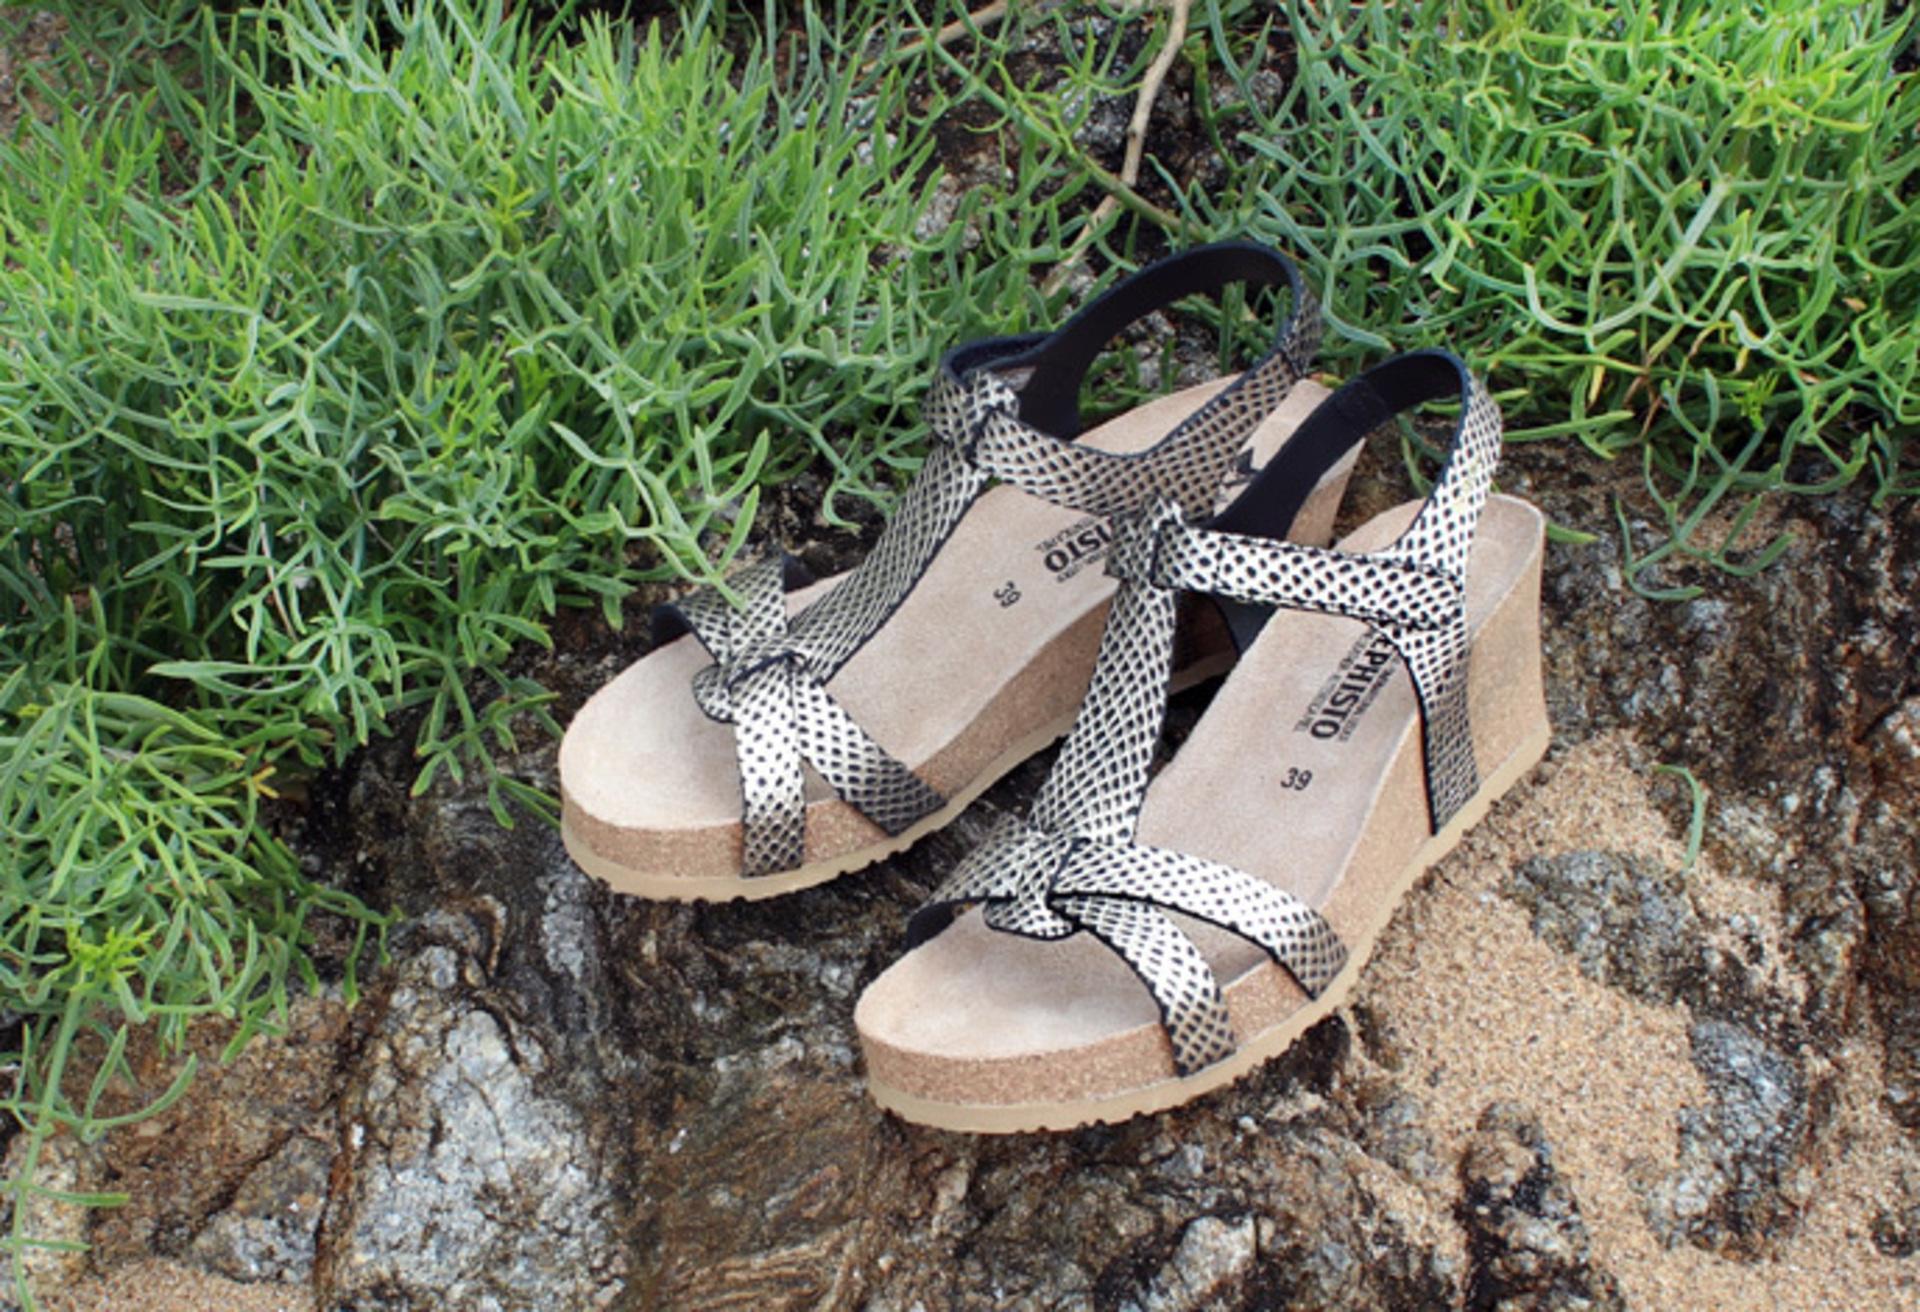 813a1ab2fd8418 BESSEC chaussures : vente de chaussures femme, homme, enfants